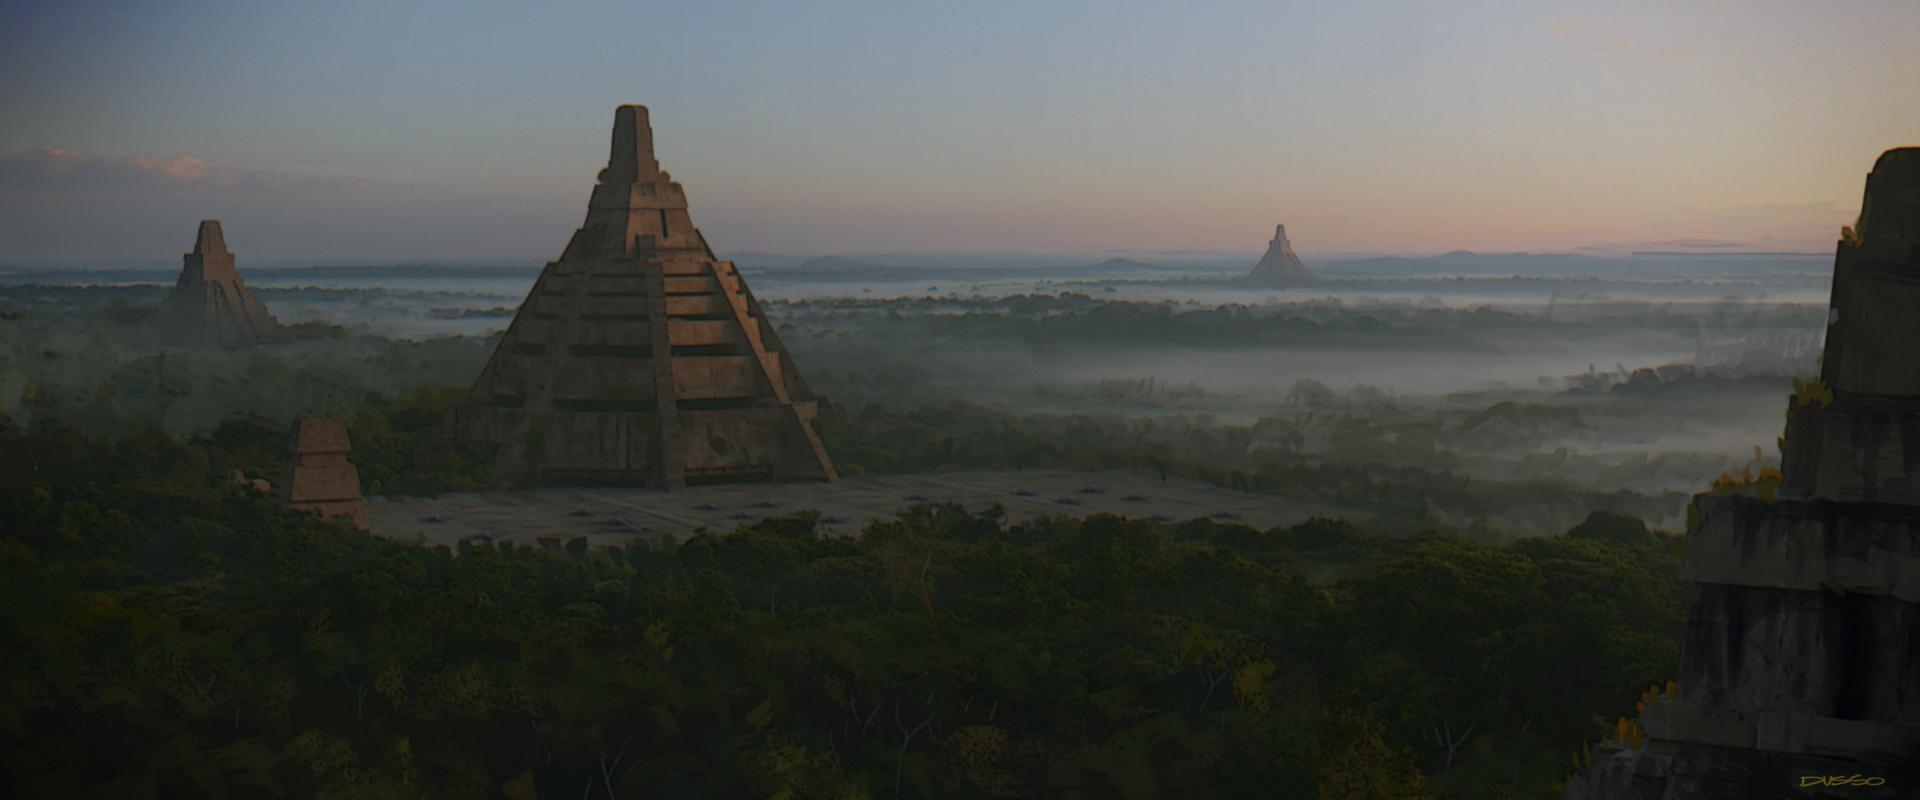 concept-art-dusseault-temple-jungle